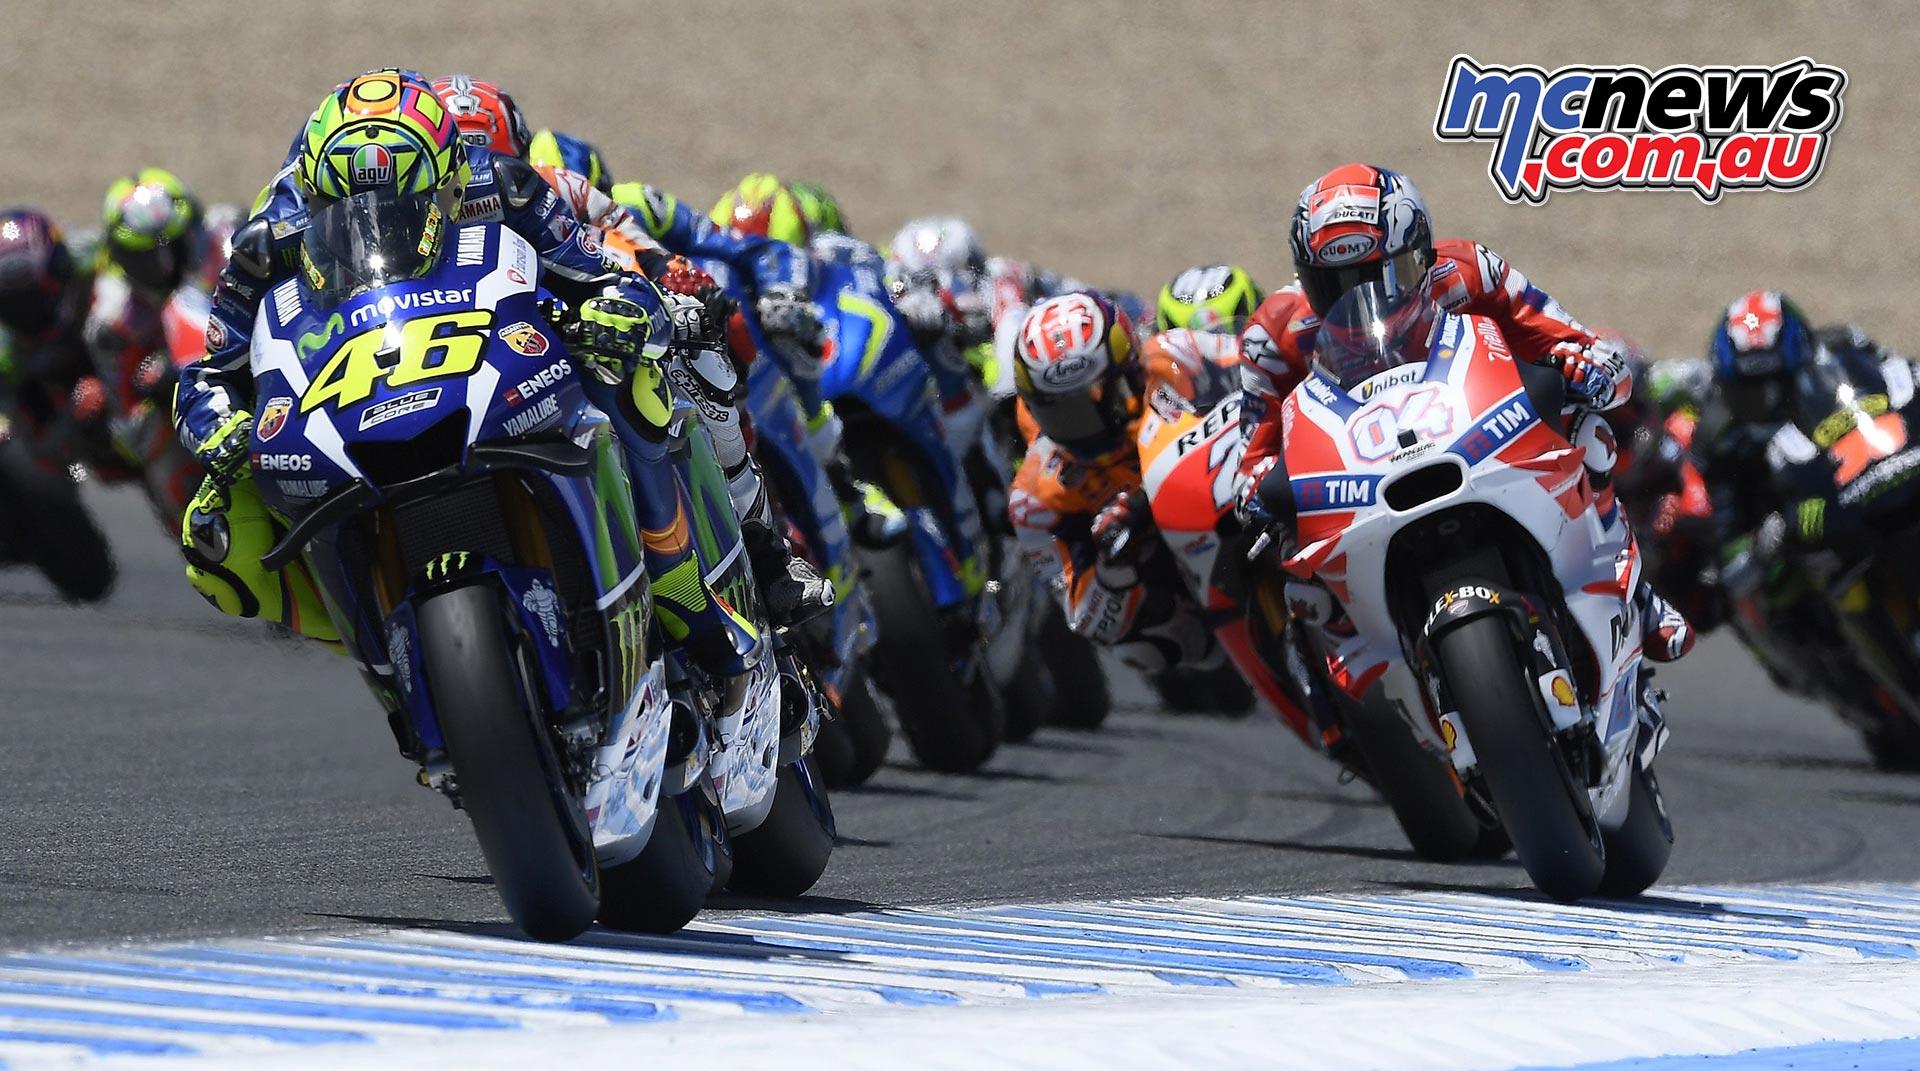 Valentino Rossi Wins Jerez Motogp Mcnews Com Au